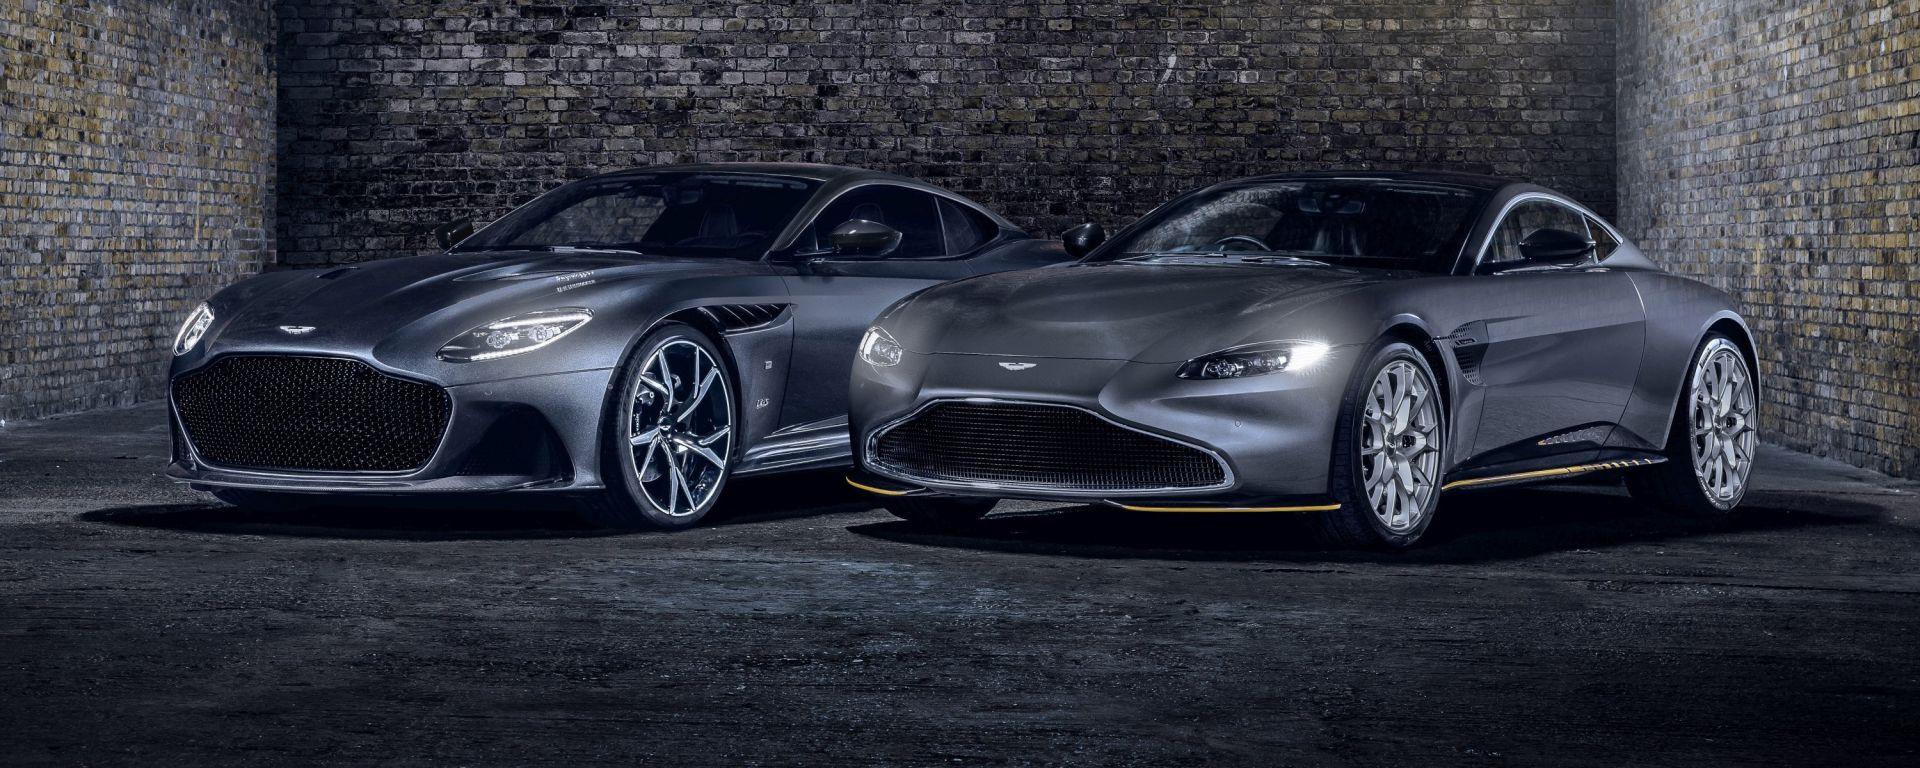 007: le Aston Martin ispirate al nuovo James Bond